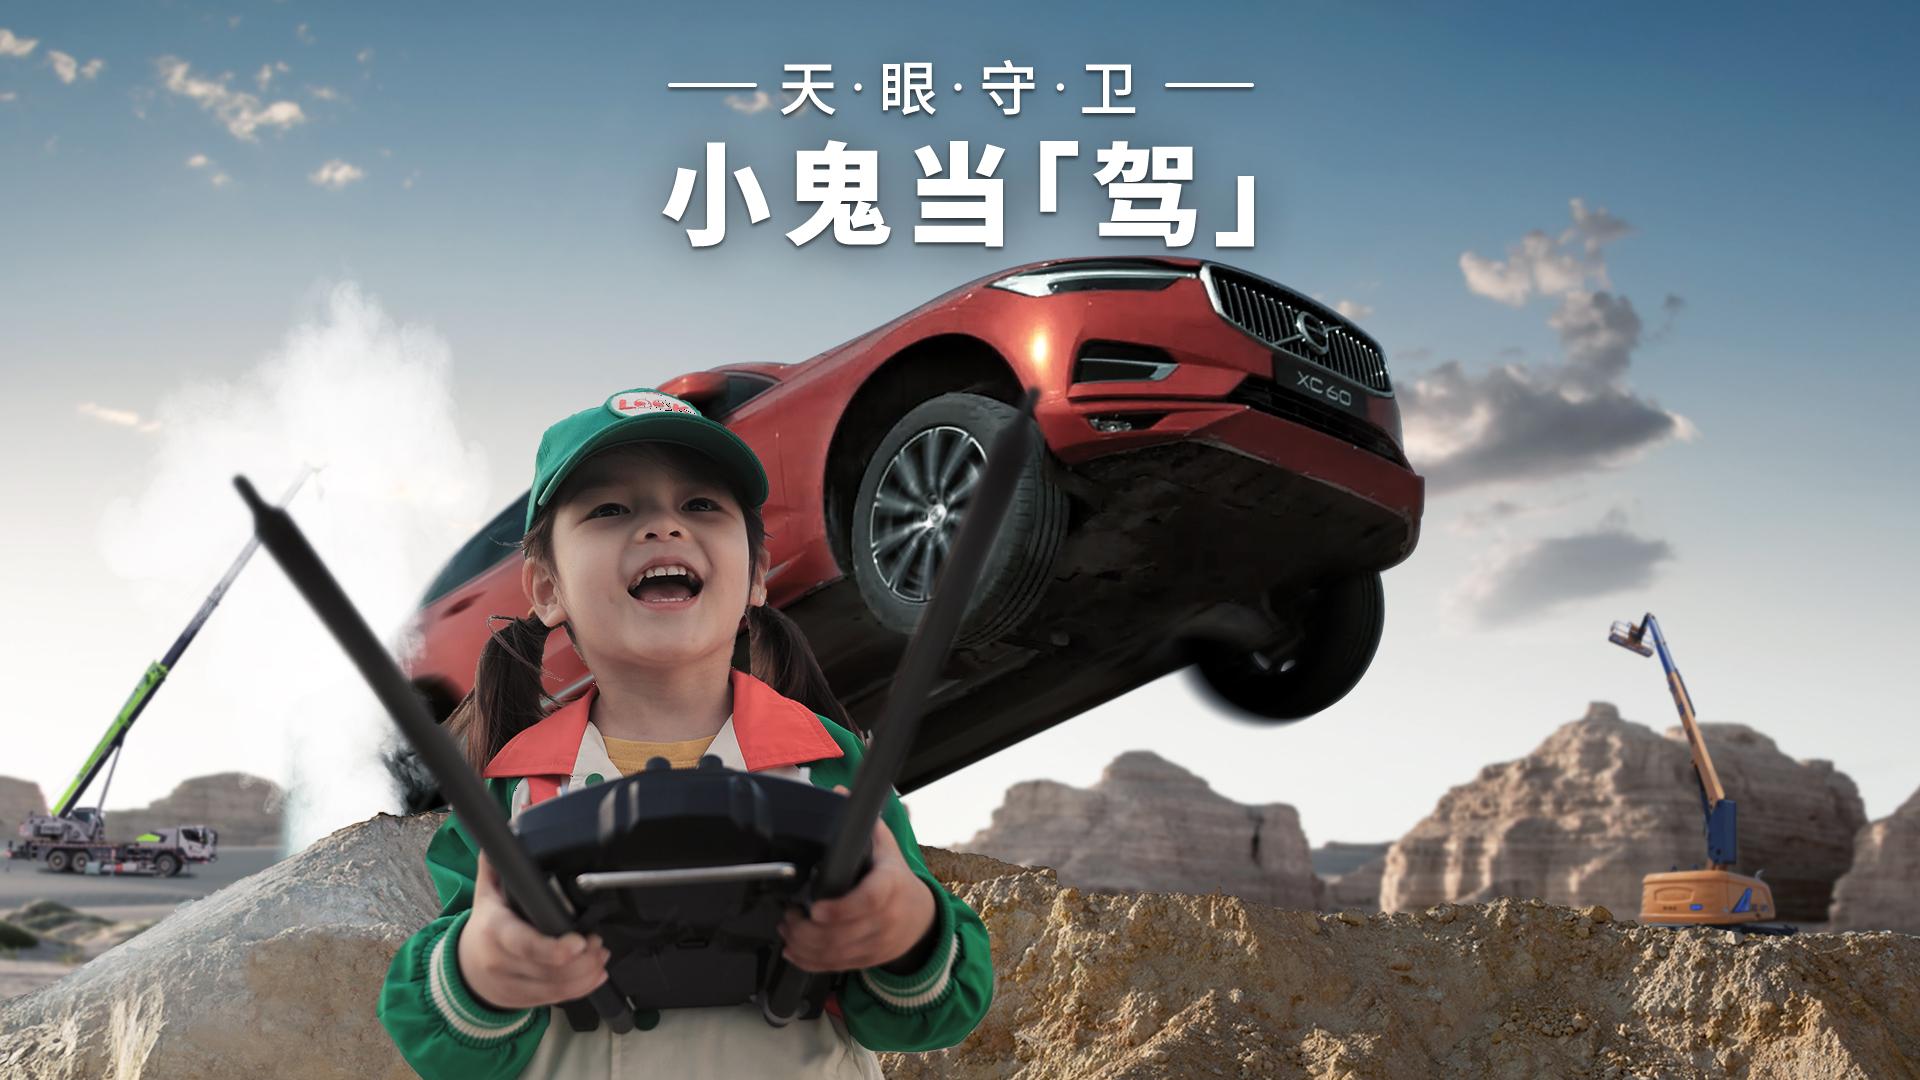 天眼守卫,小鬼当「驾」#沃尔沃XC60x观池文化